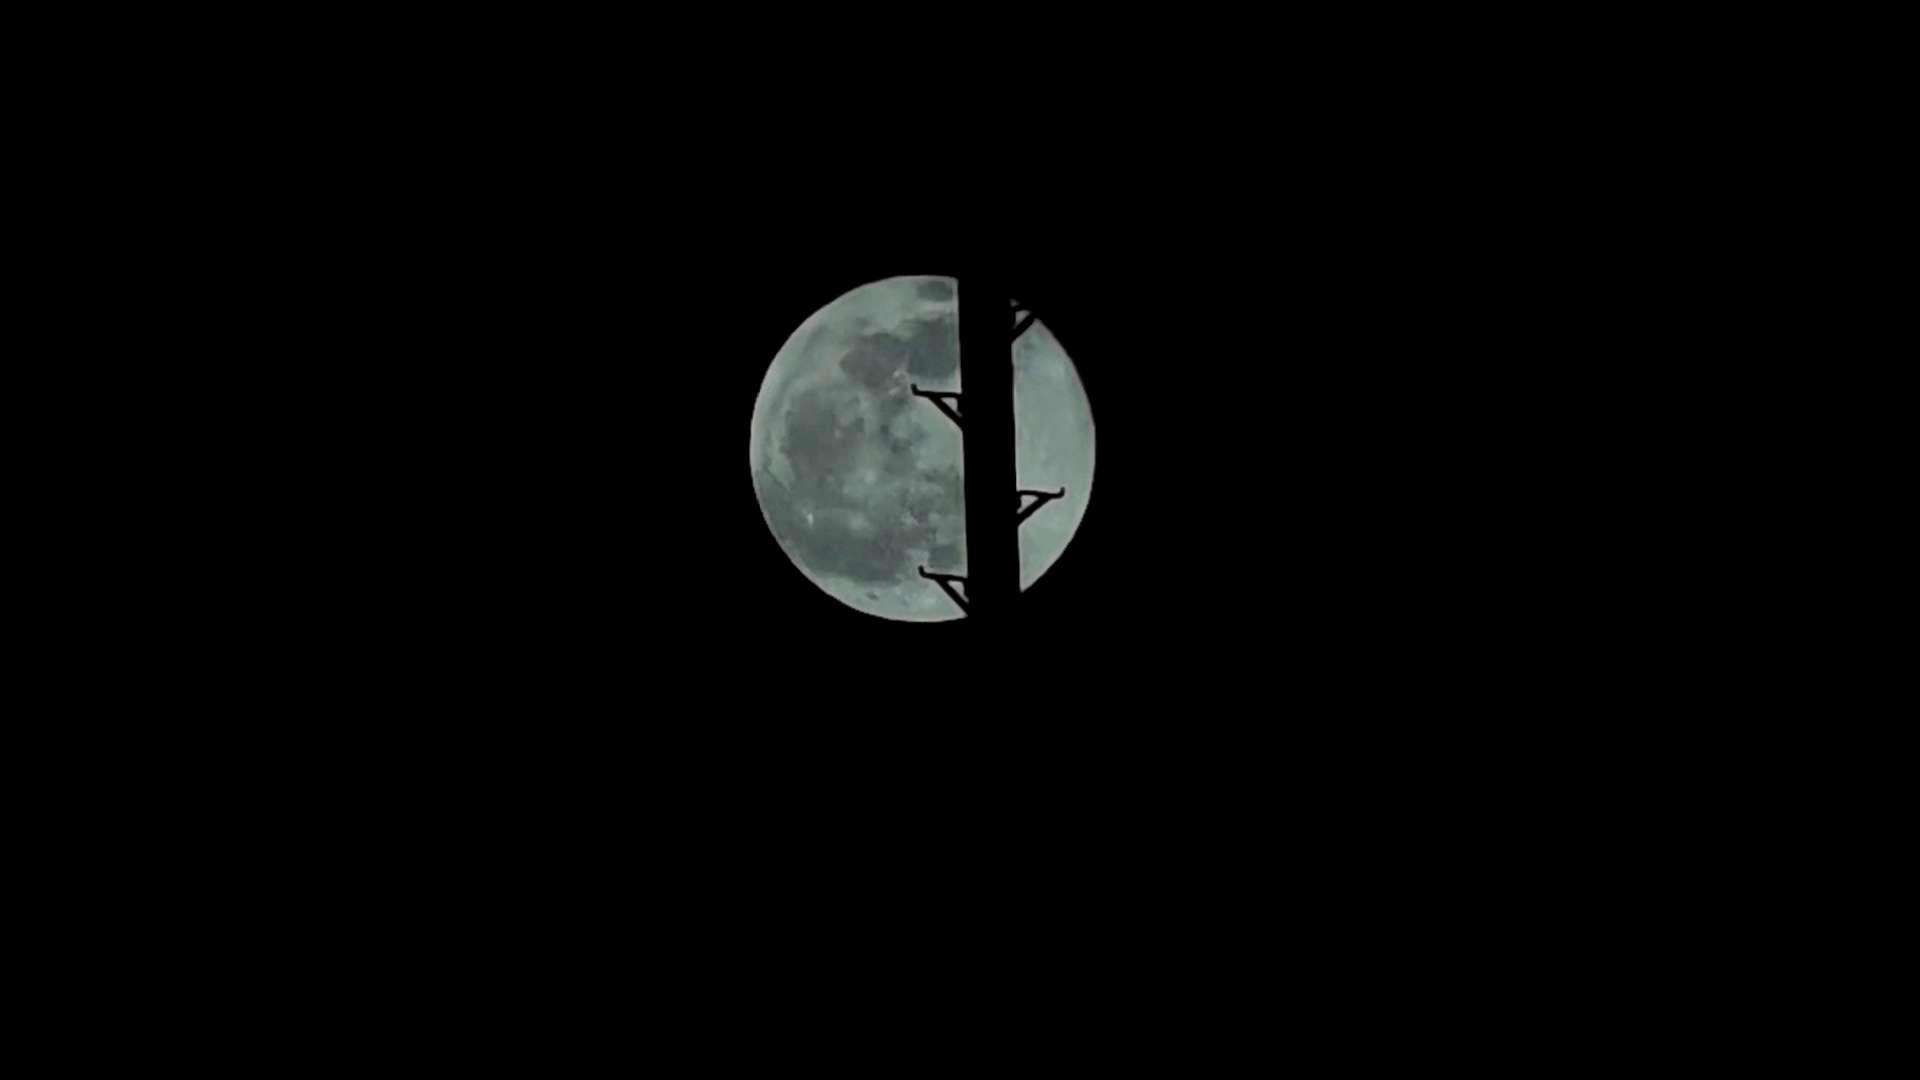 2020年的最后一轮圆月亮|Mate40pro长焦4K延时,随手拍-花粉俱乐部